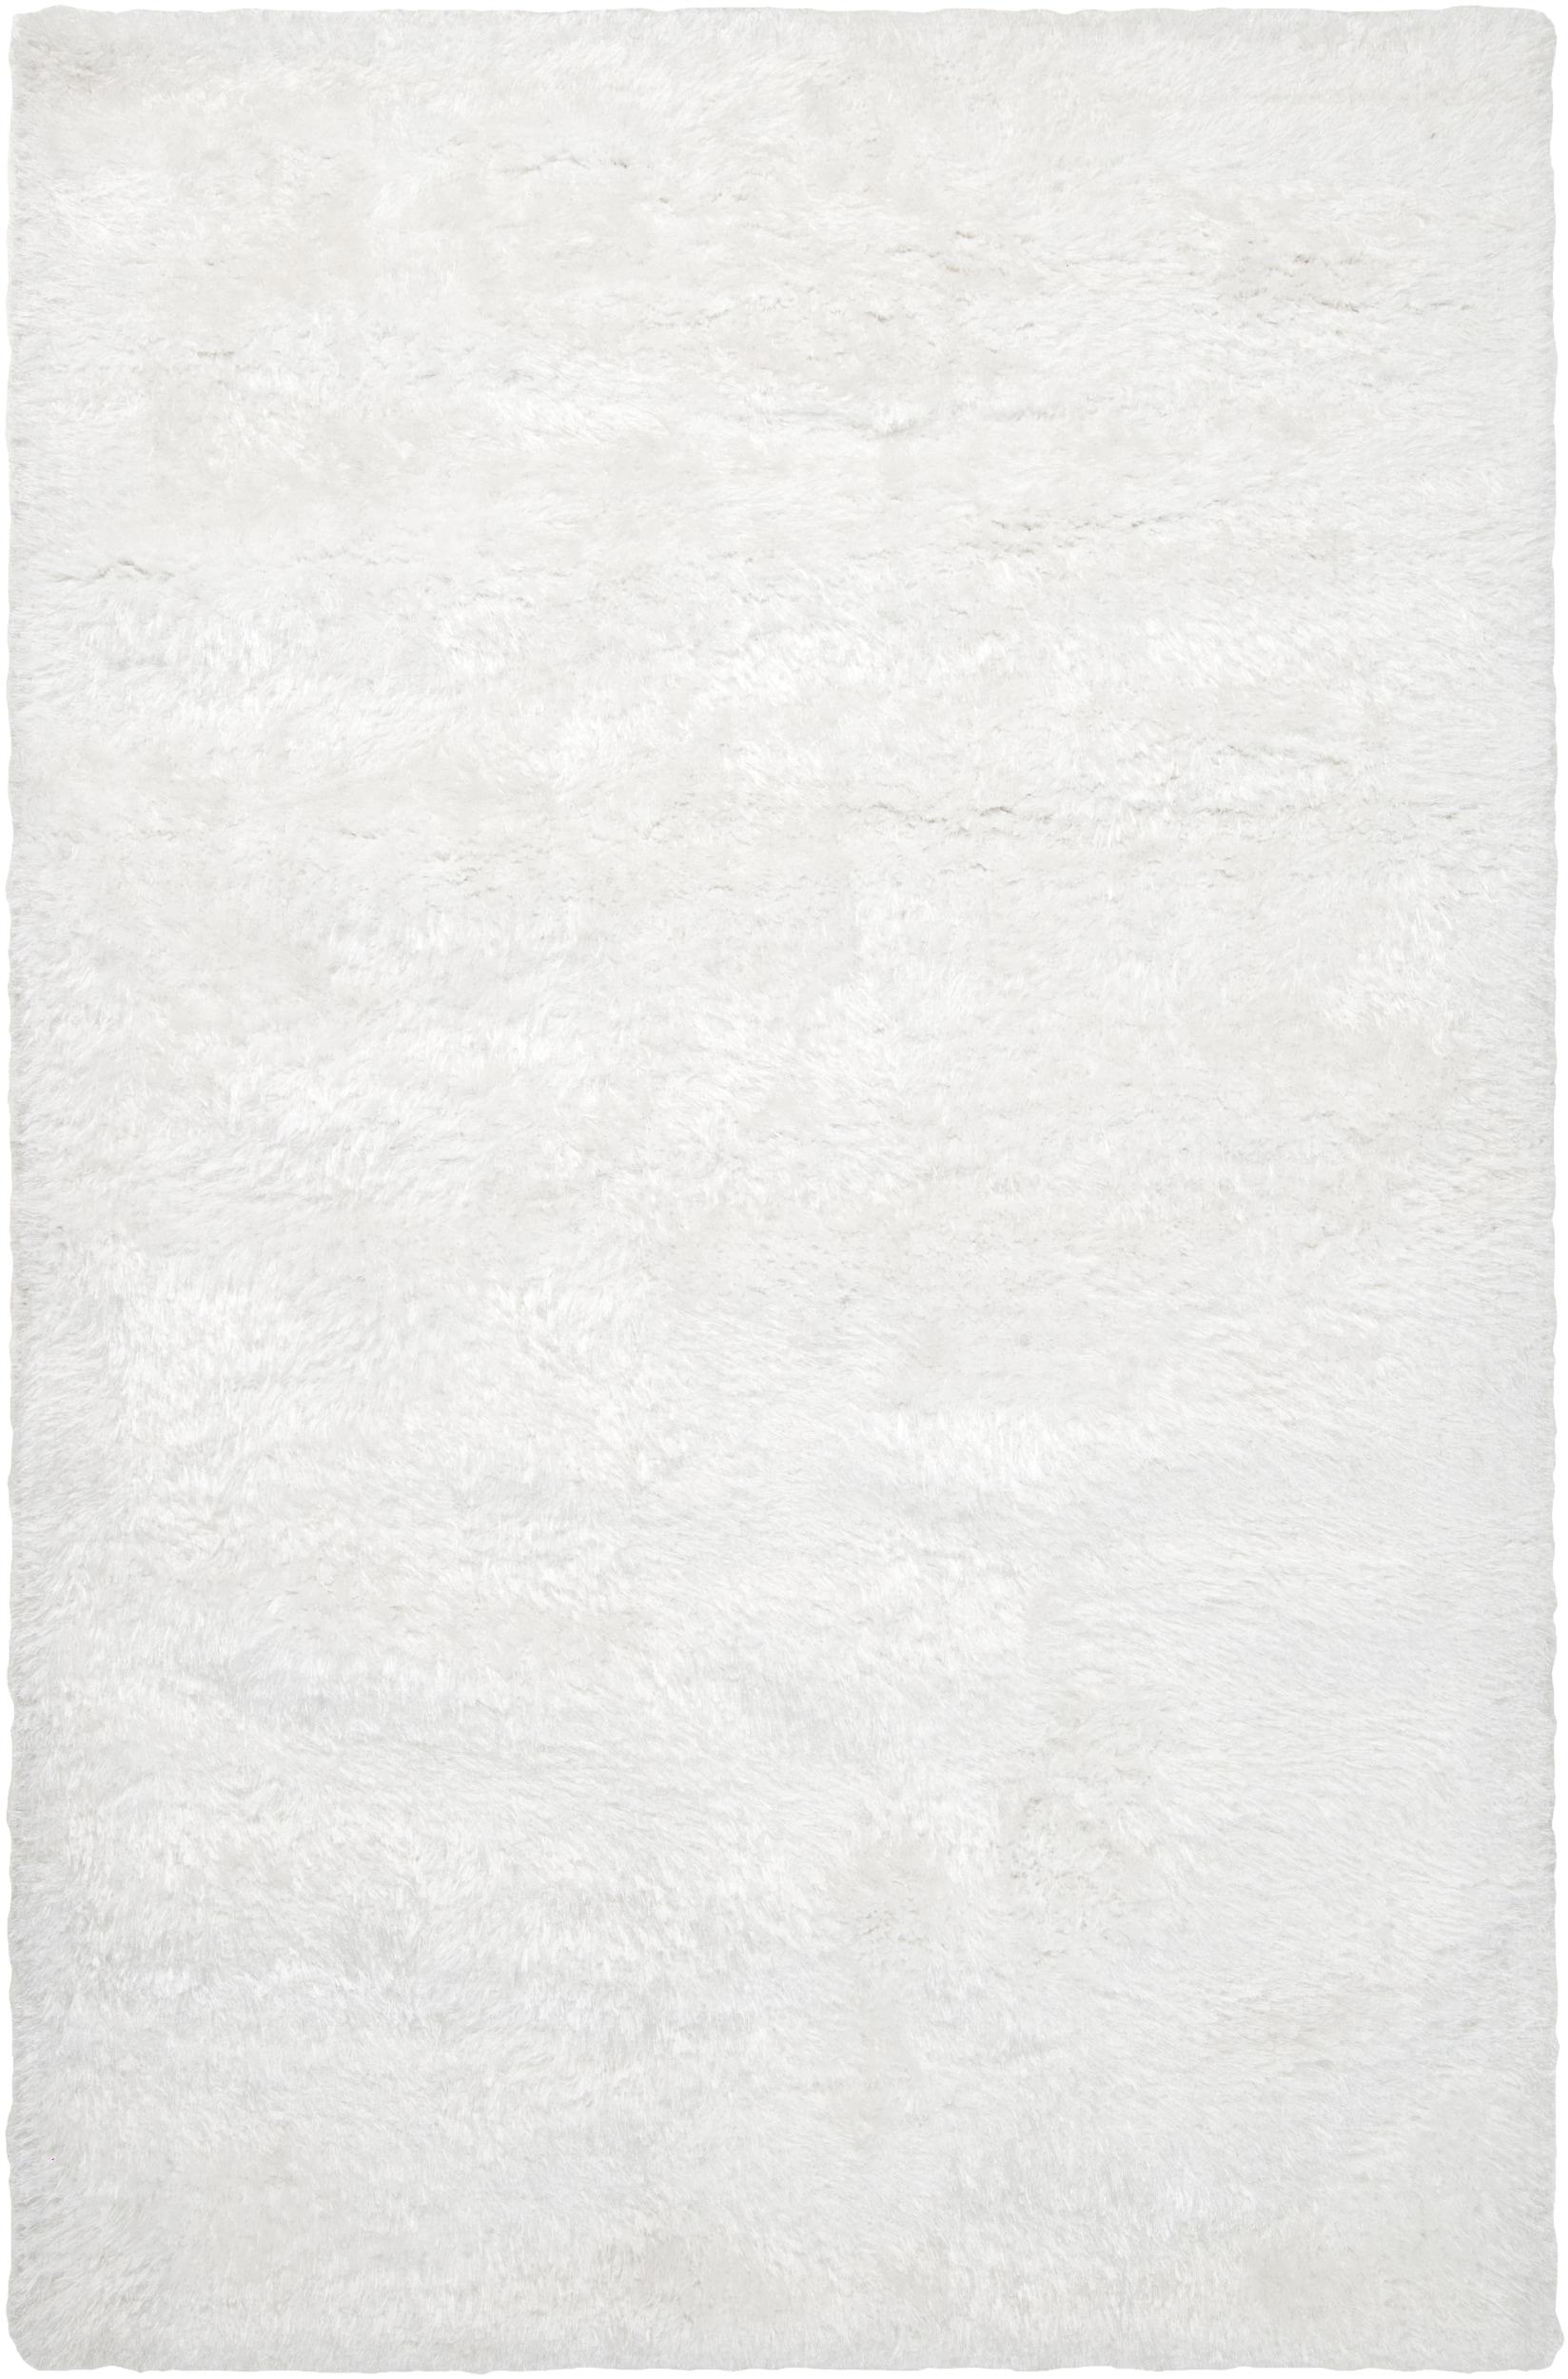 Hand-woven Grants White Super Soft Shag Rug (5' x 8')